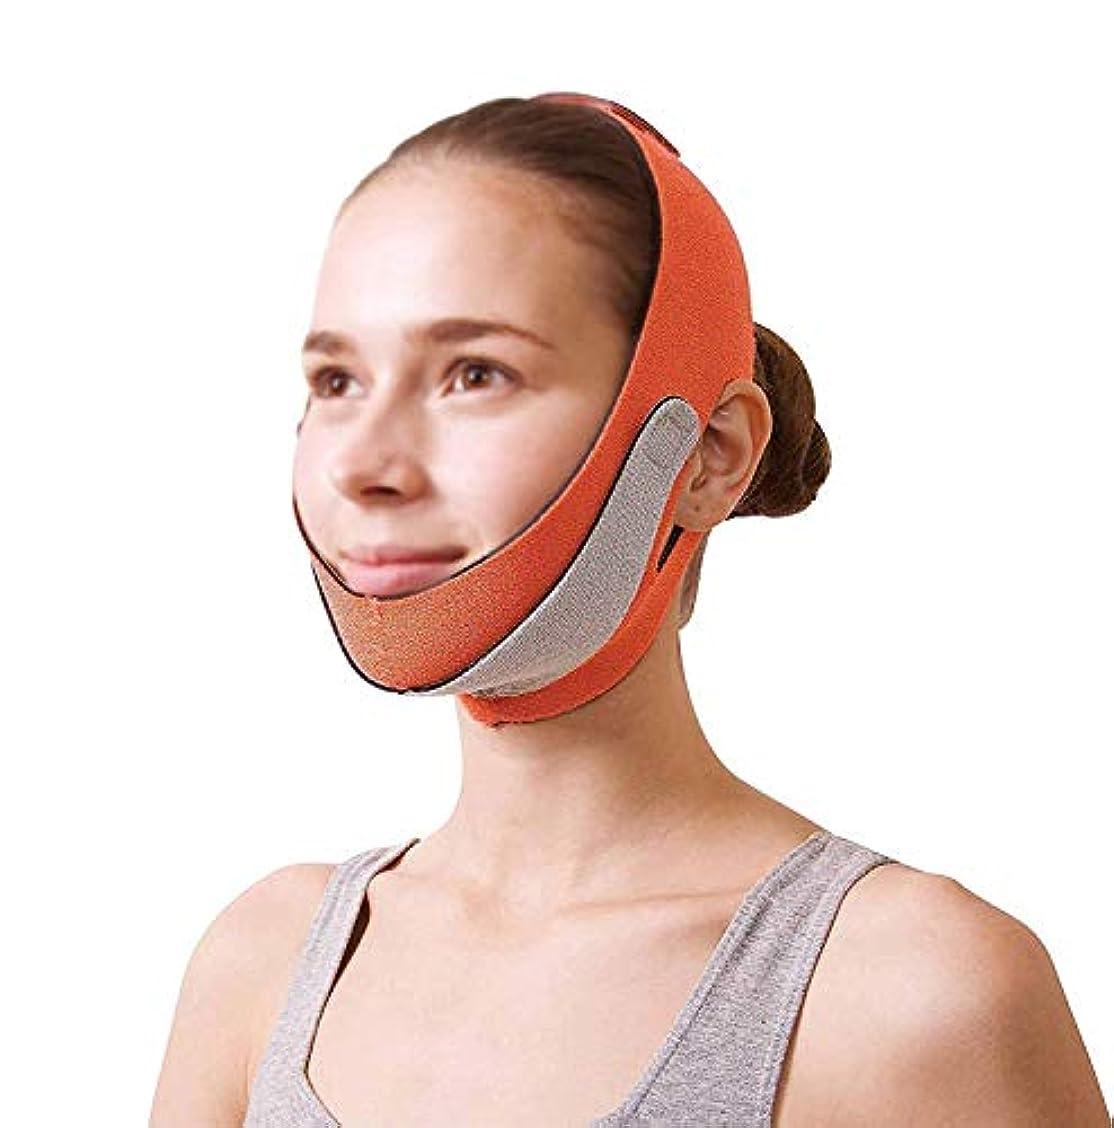 デンプシー検出戻すフェイスリフトマスク、あごストラップ回復ポスト包帯ヘッドギアフェイスマスク顔薄いフェイスマスクアーティファクト美容顔と首リフトオレンジマスク